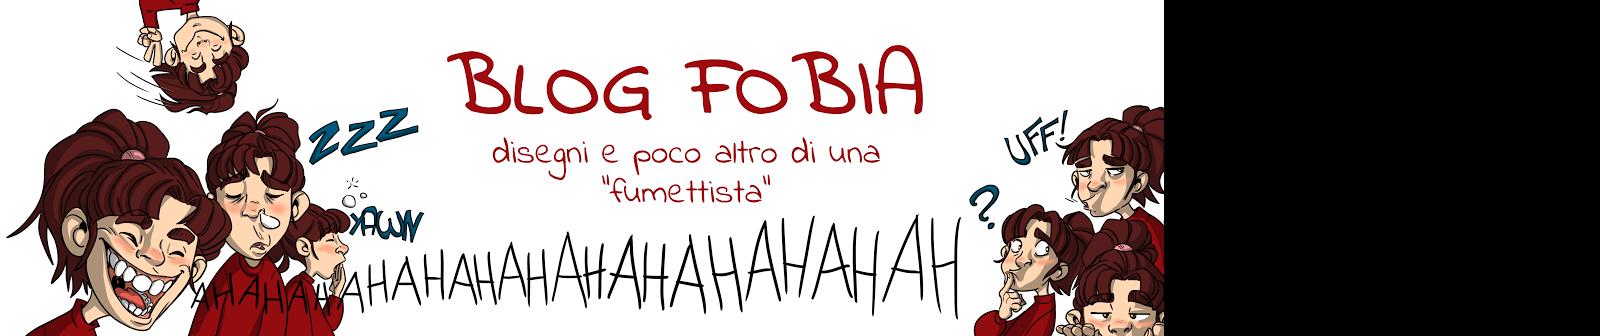 Blog Fobia